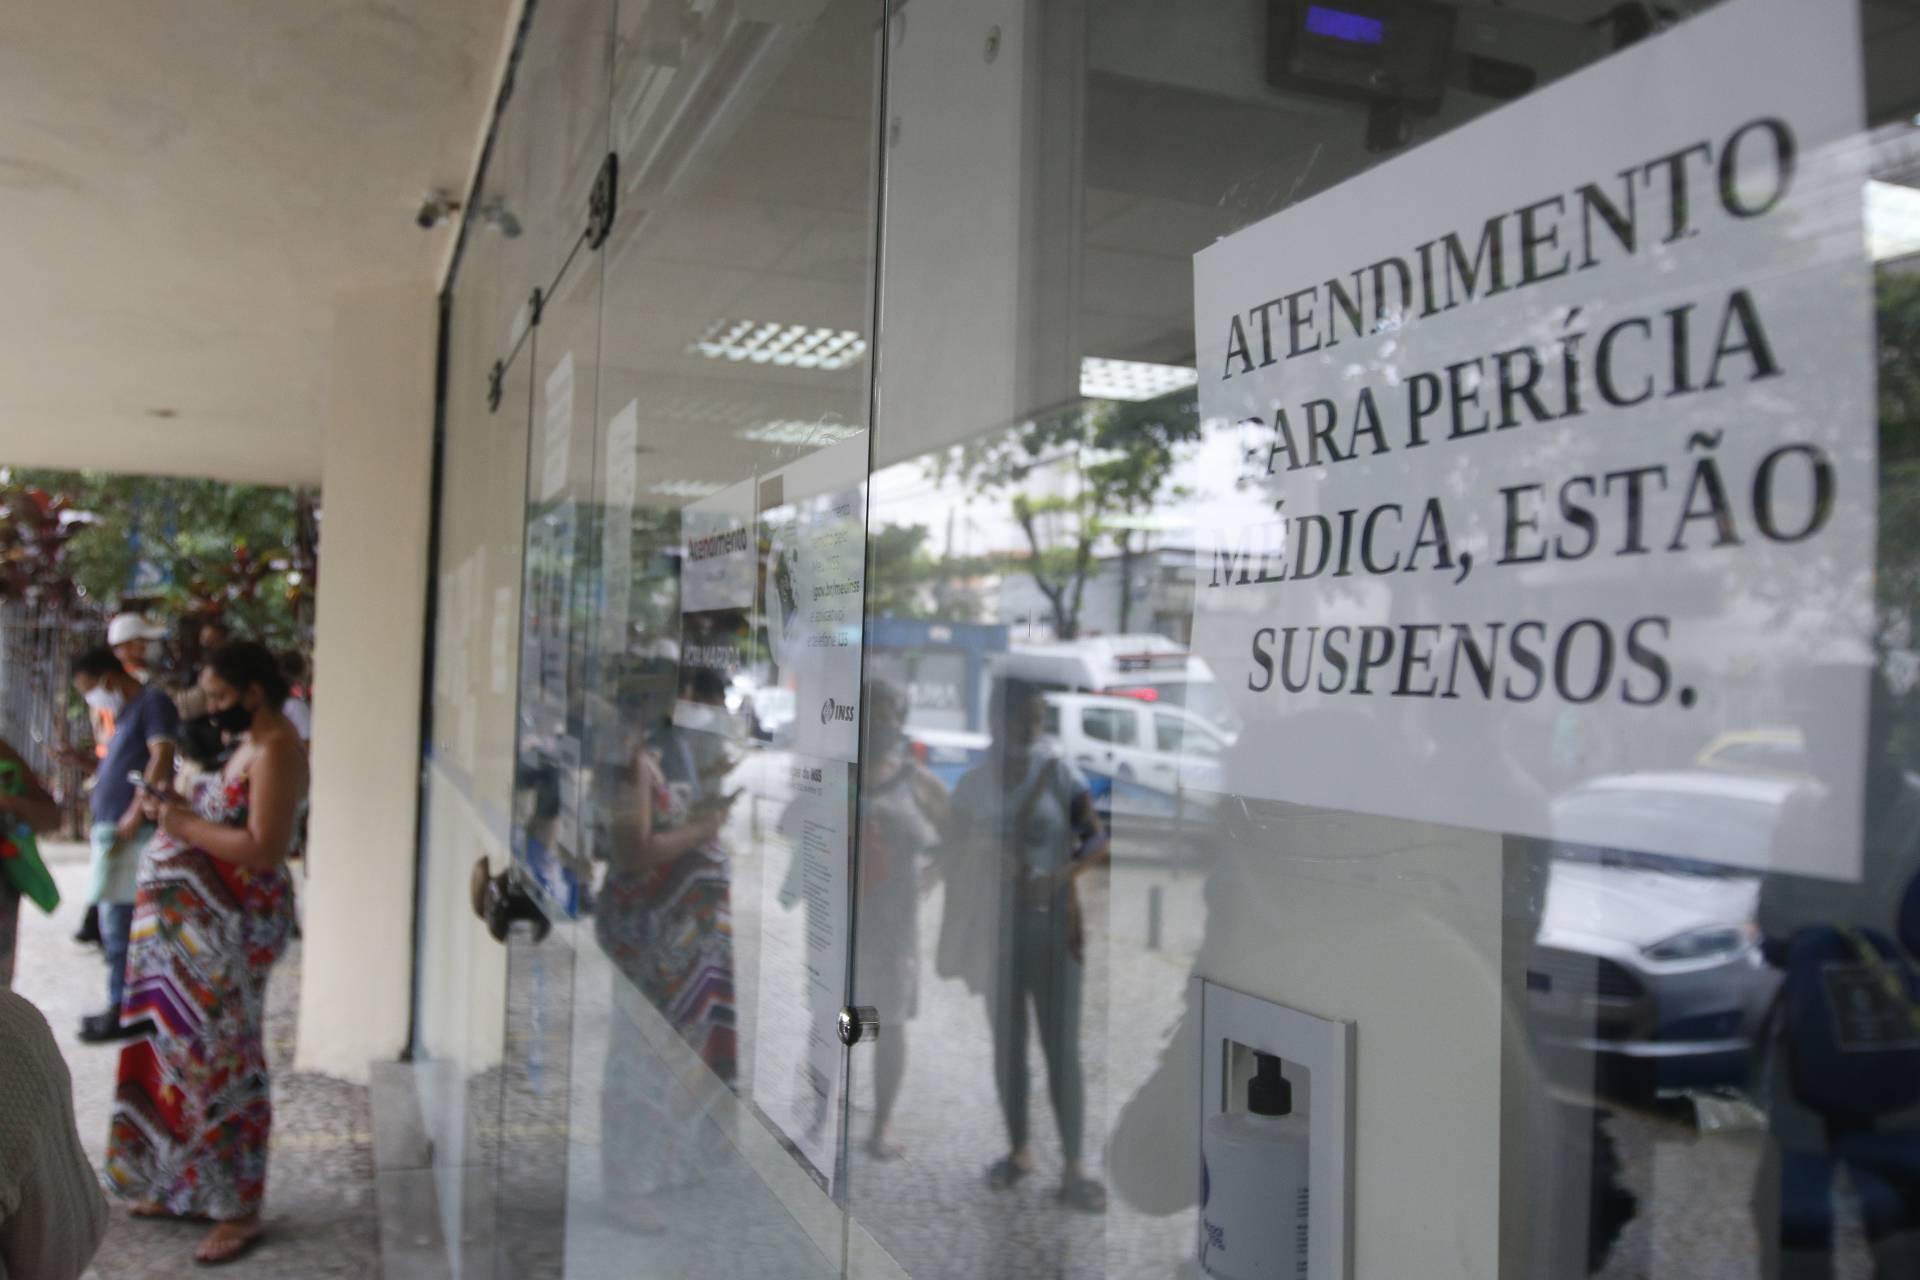 Cartaz na porta do posto do INSS no Méier avisa sobre suspensão de atendimento de perícias médicas